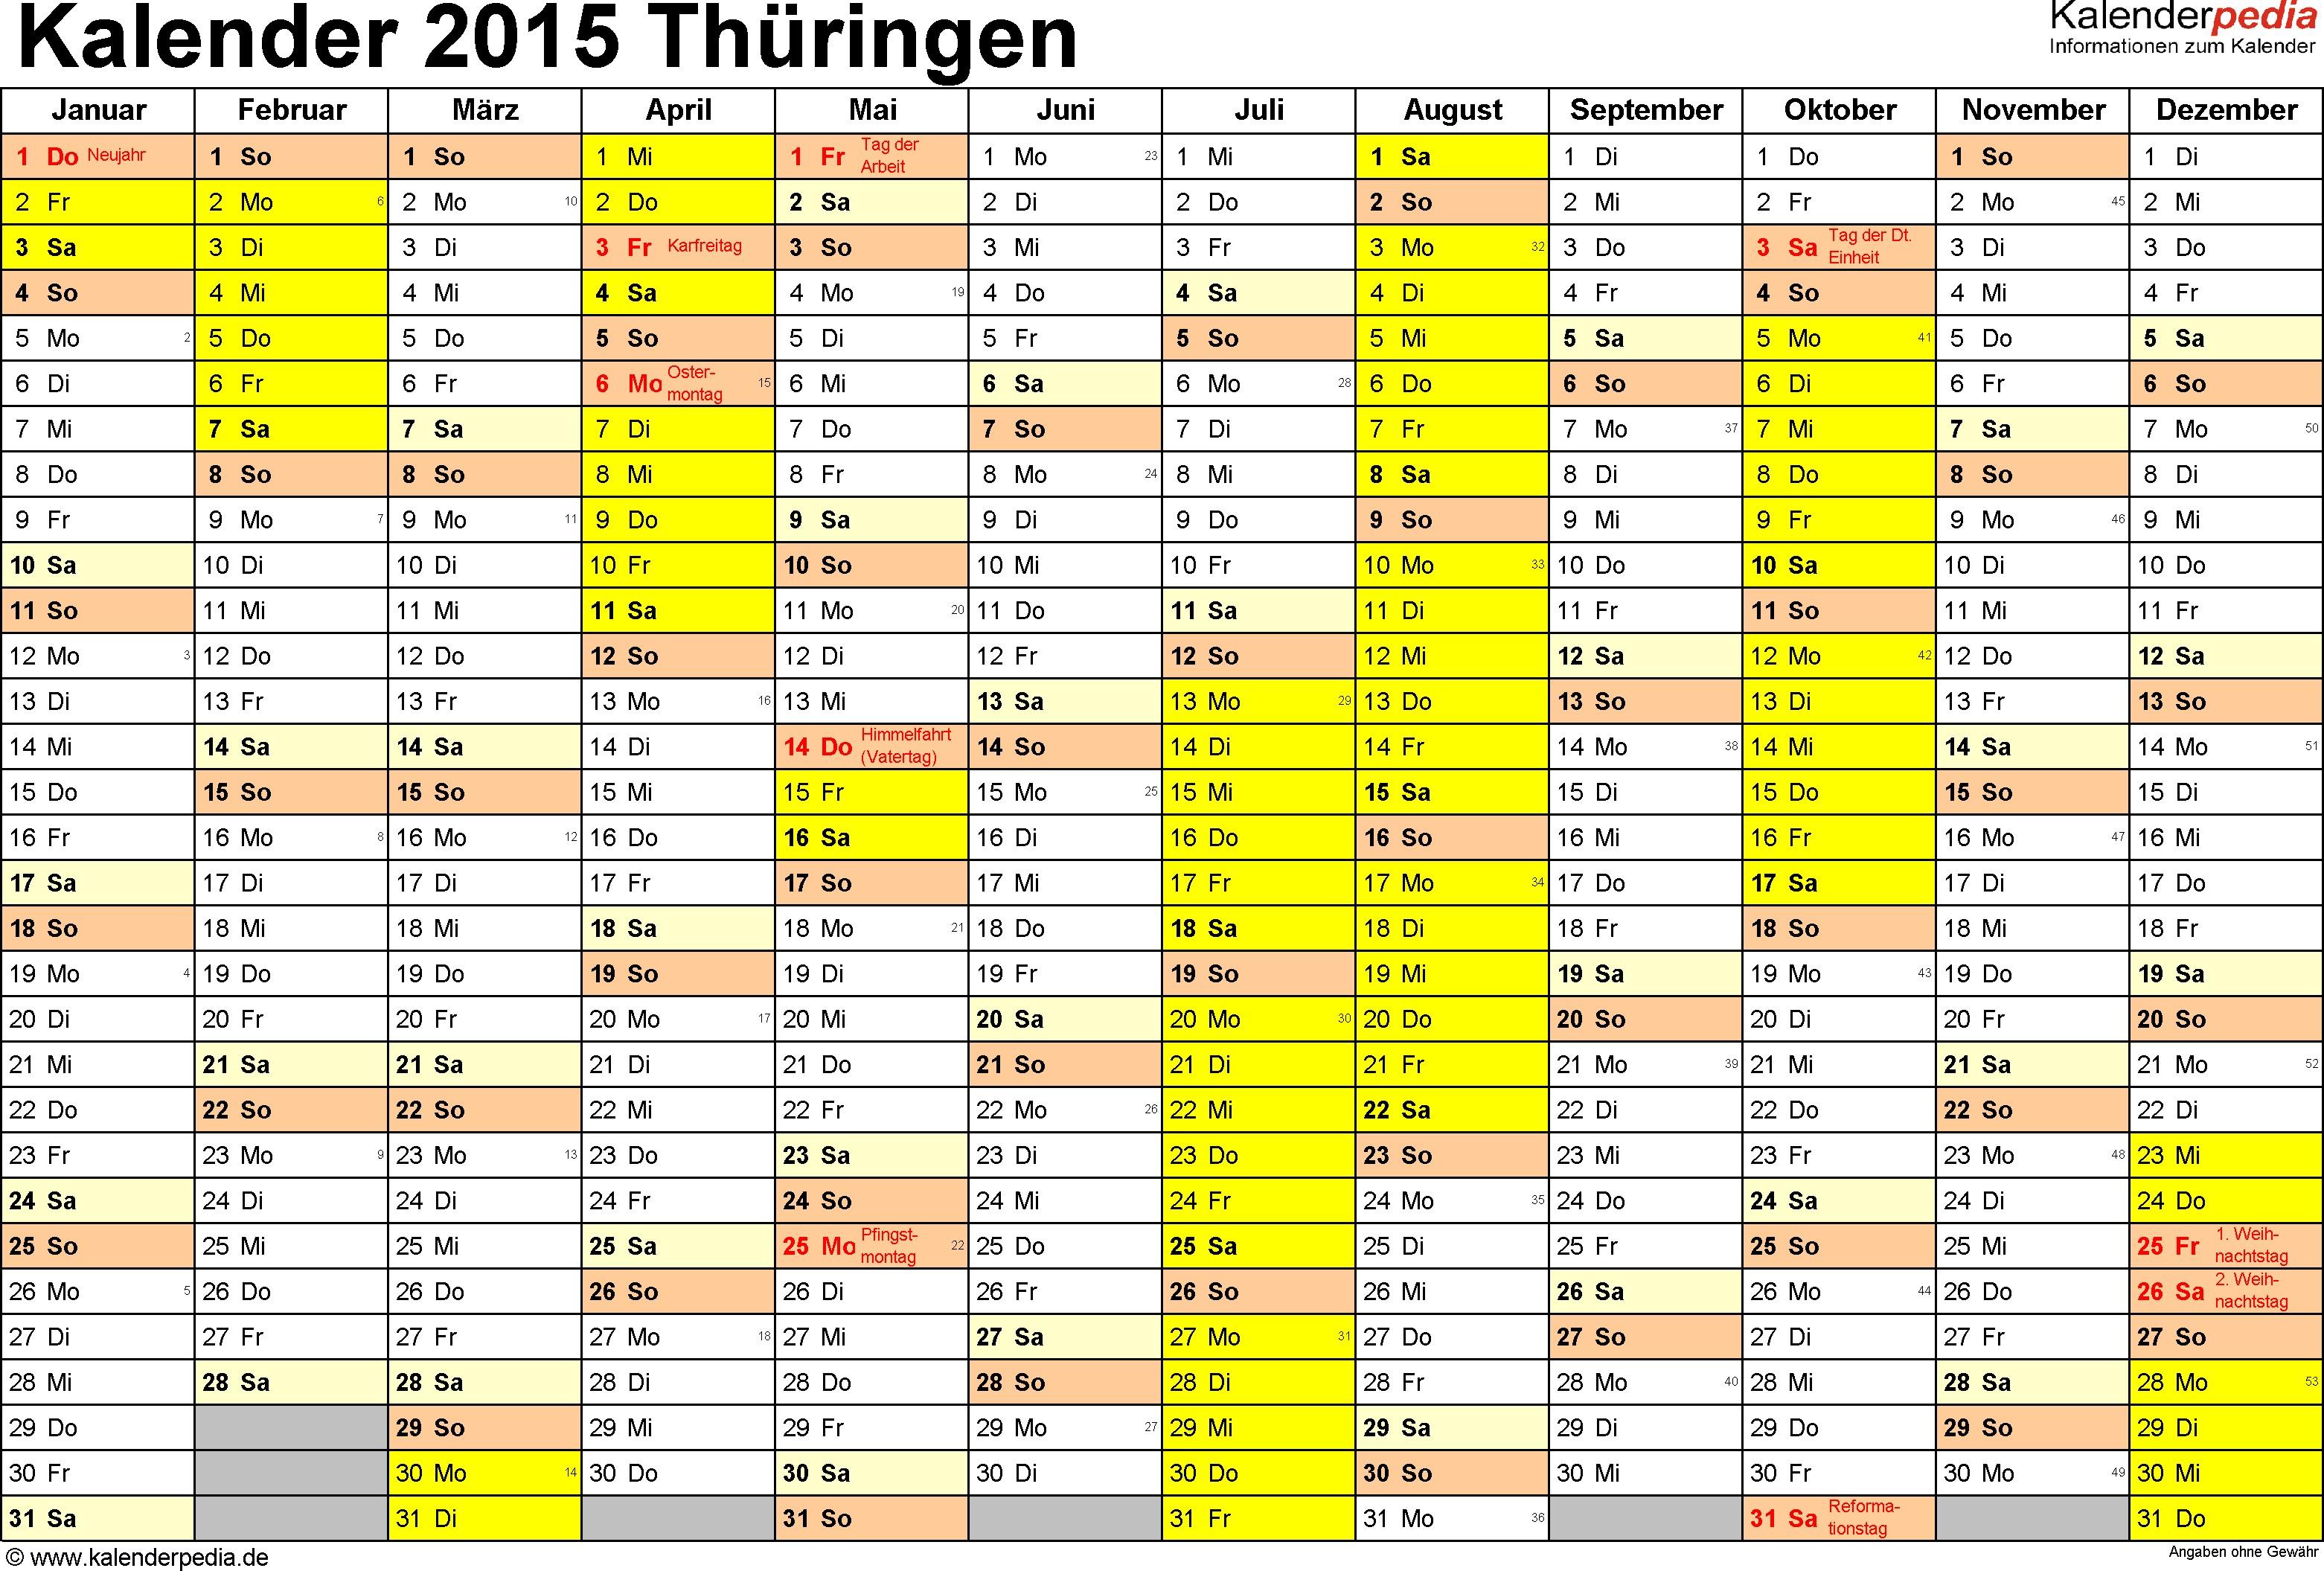 vorlage 1 kalender 2015 fr thringen als excel vorlagen querformat 1 seite